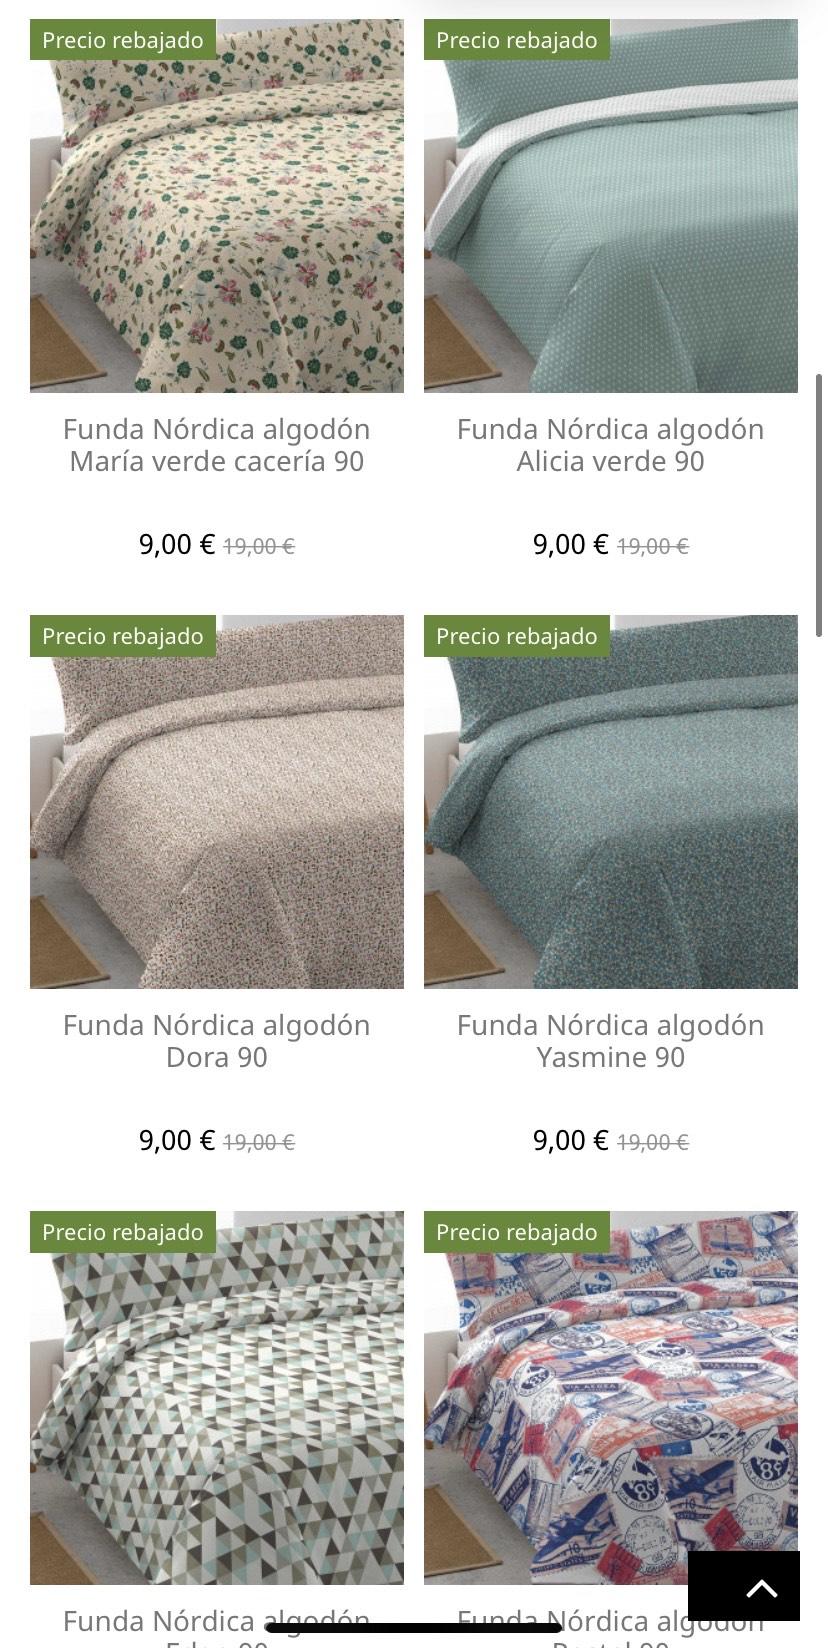 Fundas nórdicas cama 90 cm a 9€!